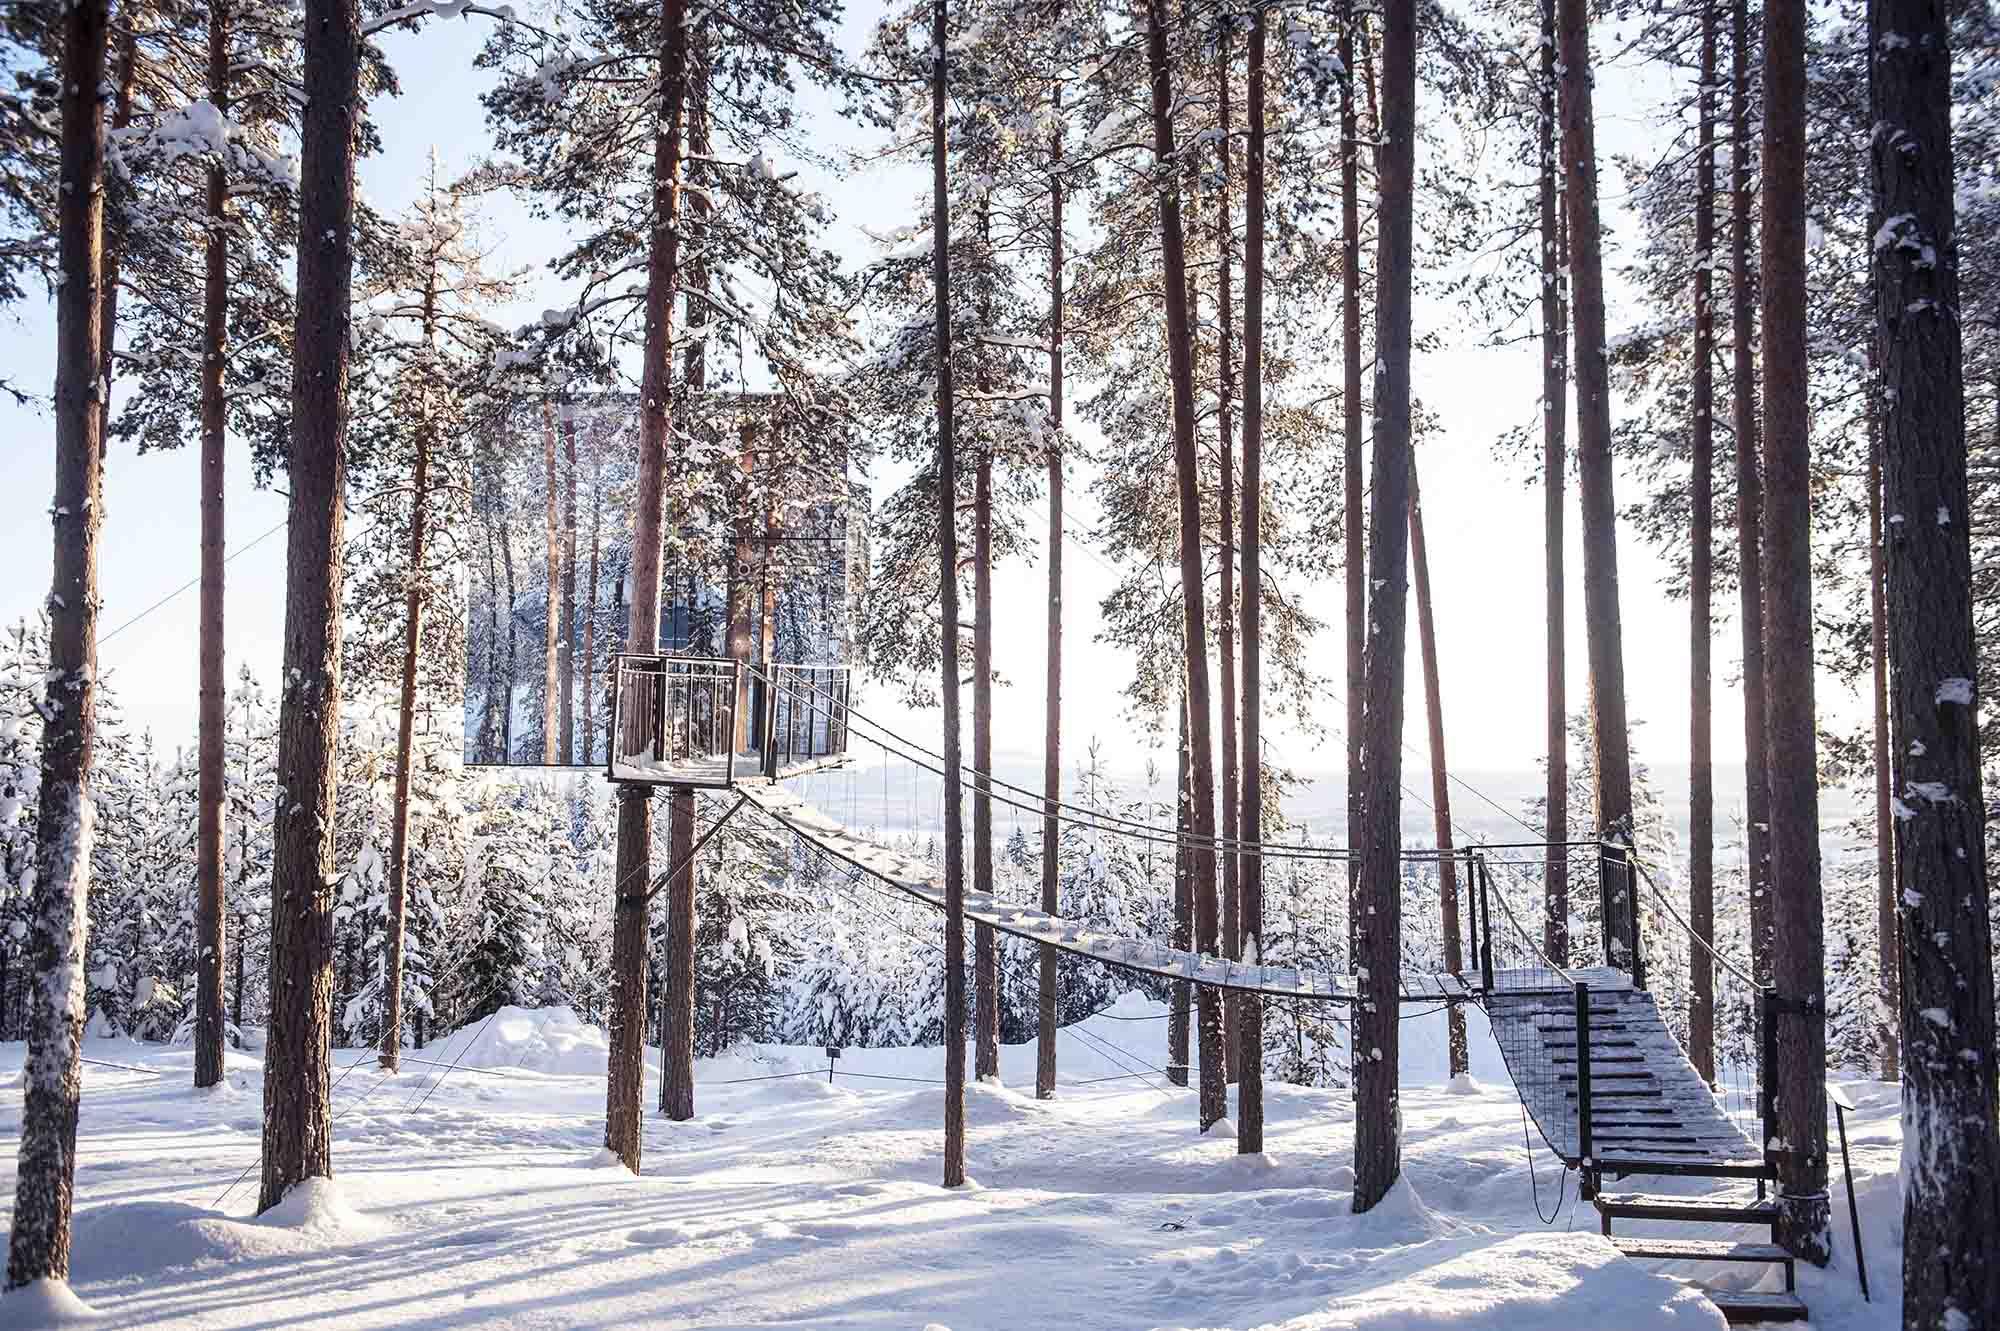 nhà trên cây làm bằng kính